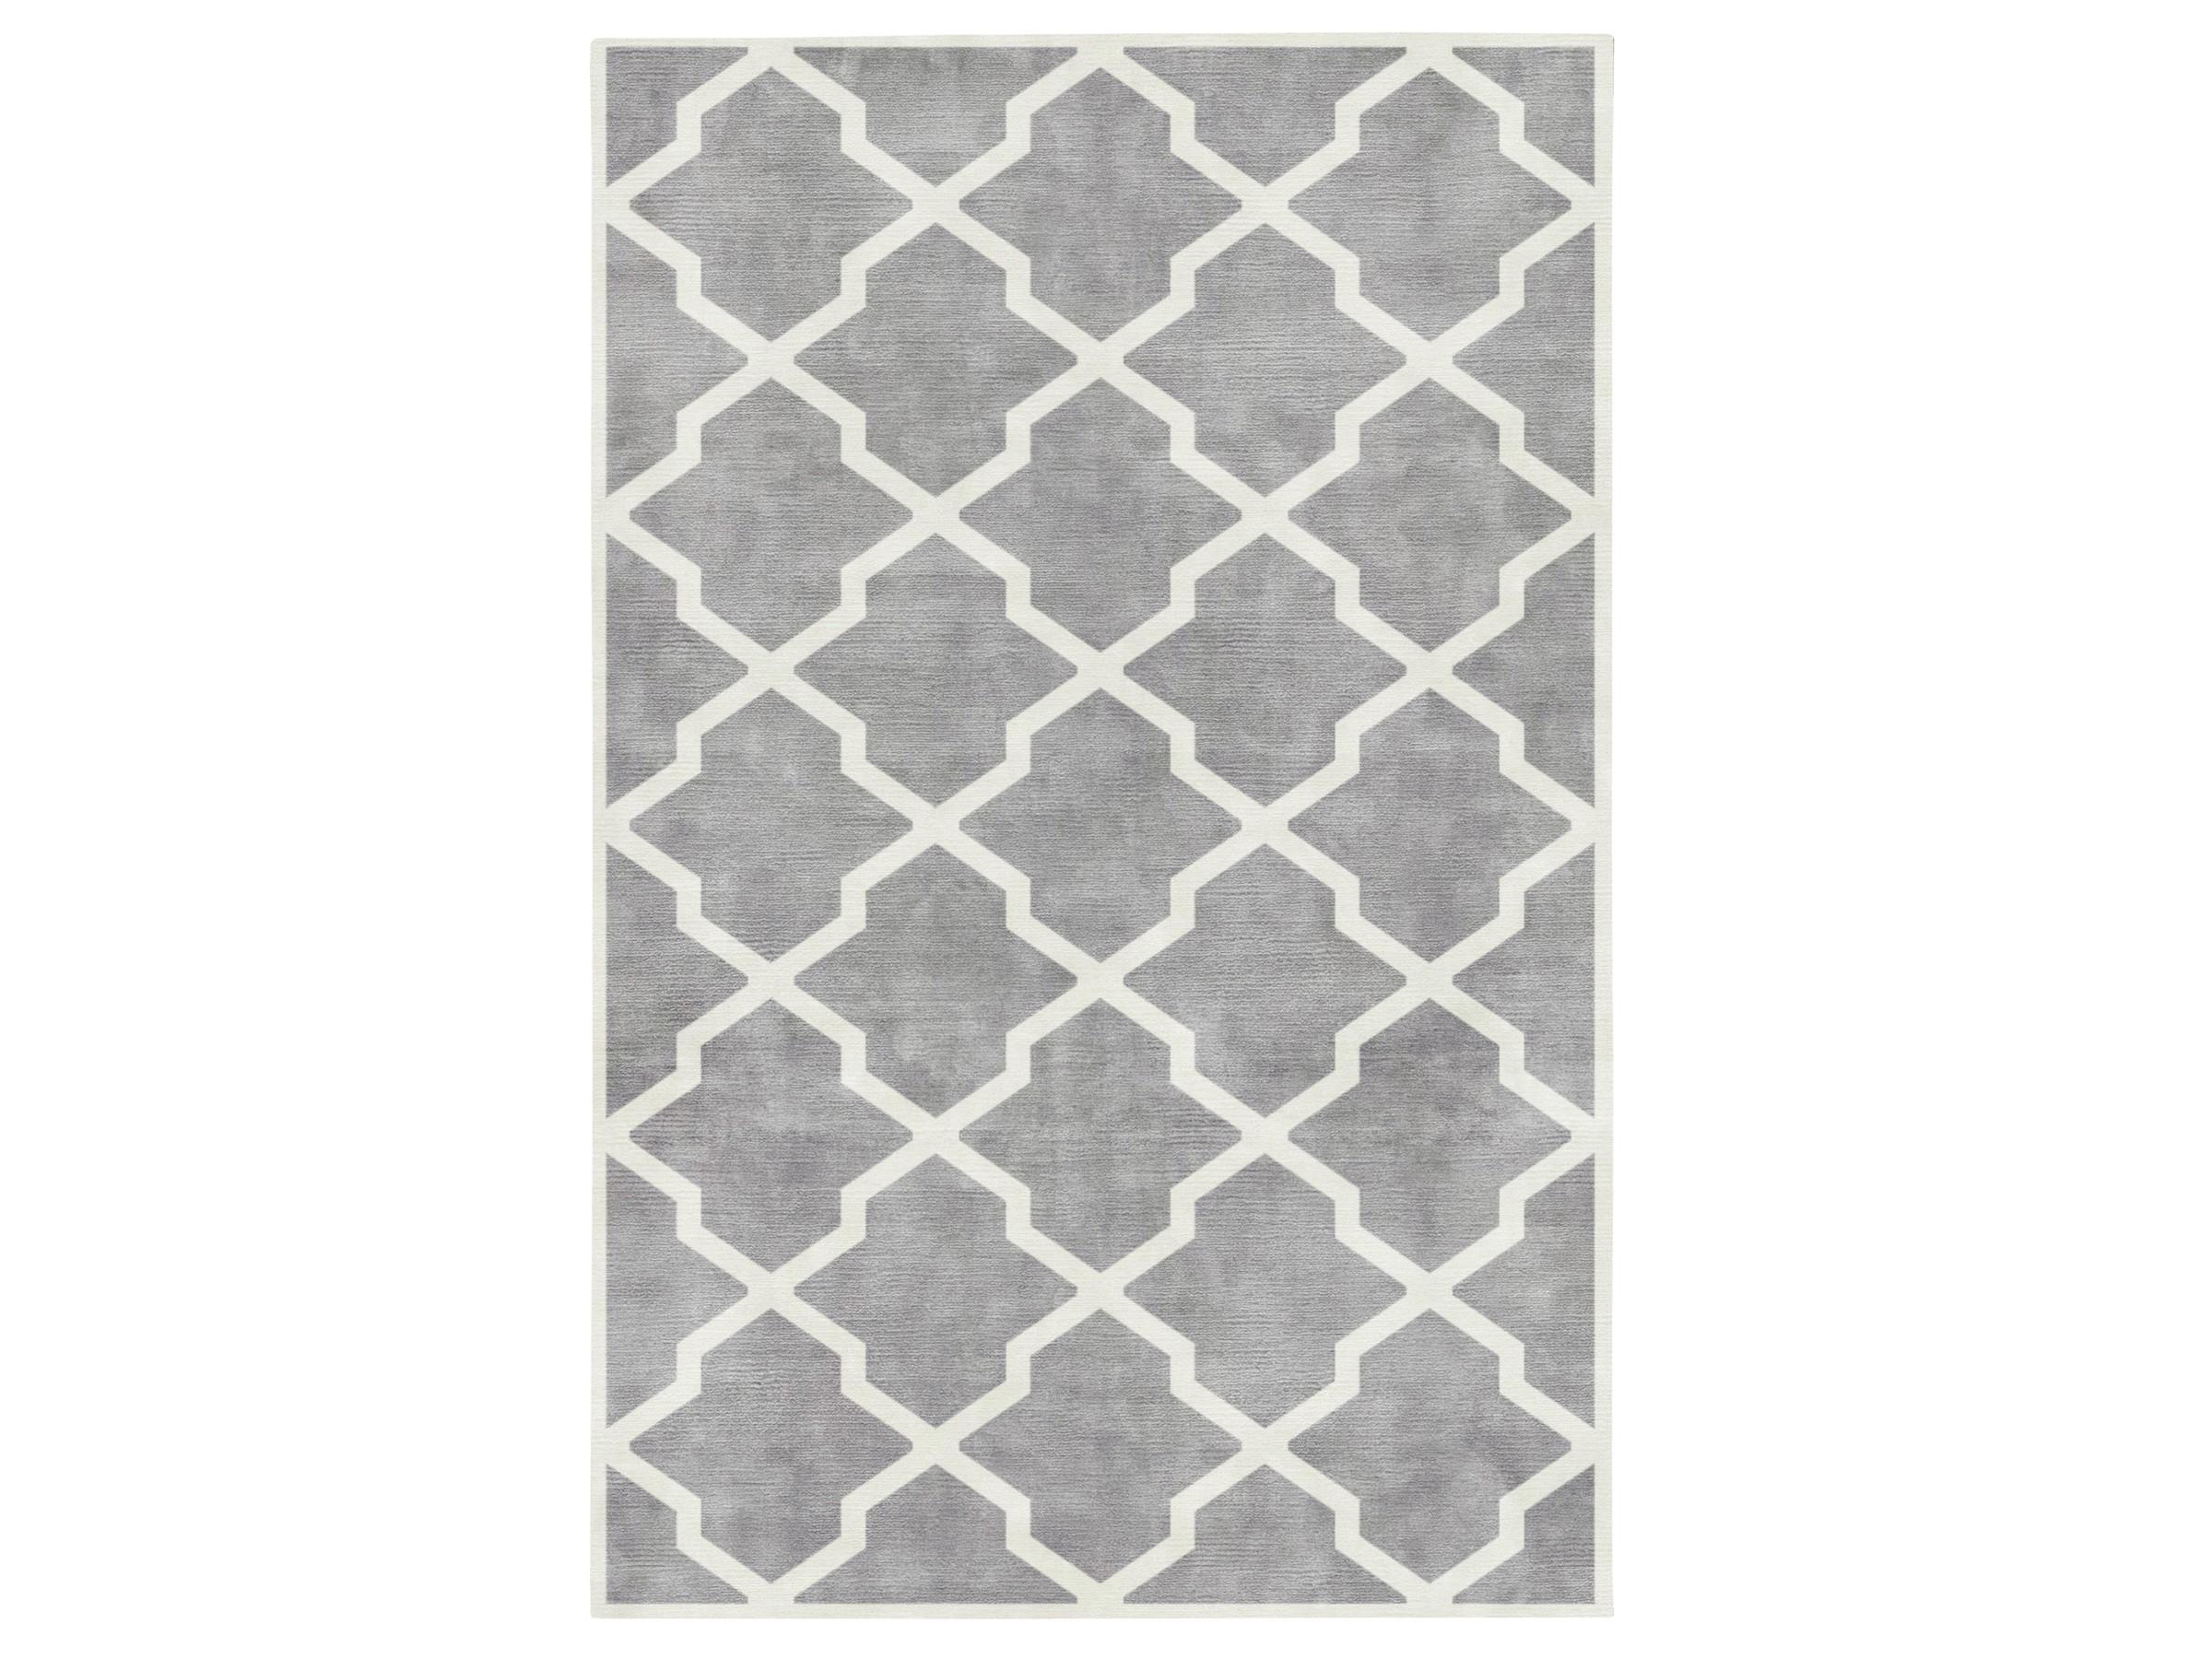 Ковер Lattice 160x230Прямоугольные ковры<br><br><br>Material: Шерсть<br>Ширина см: 160<br>Глубина см: 230